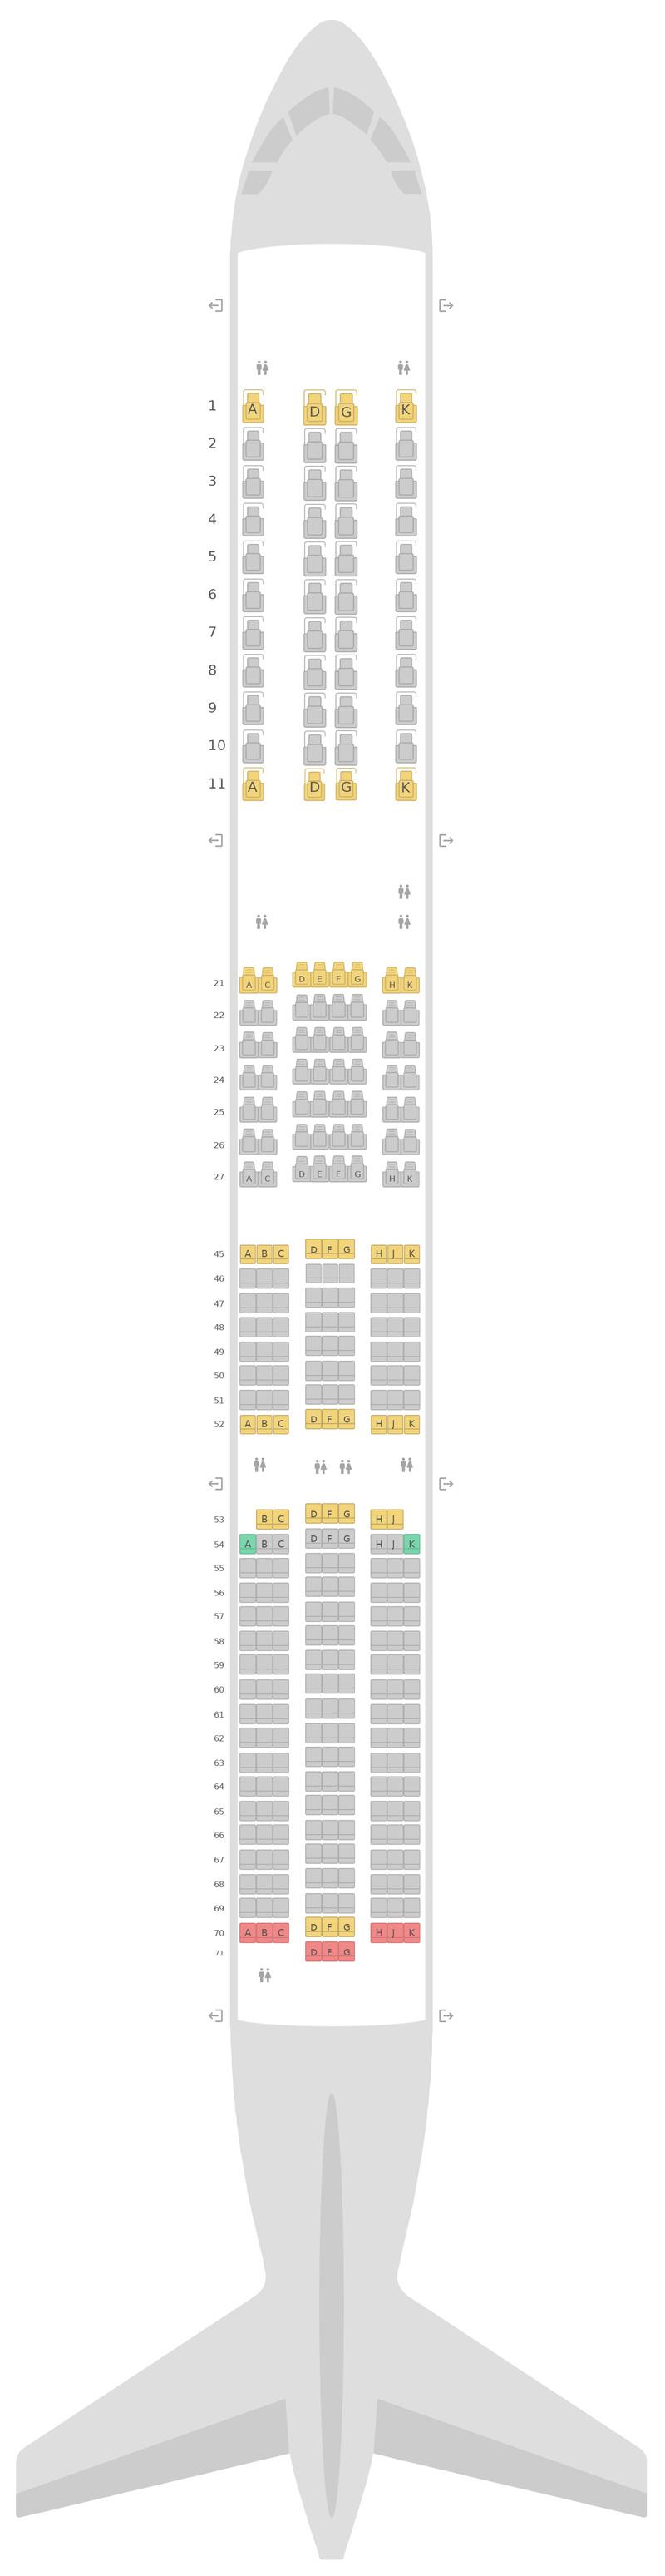 Схема салона Аэробус А350-1000 (351) Вирджин Атлантик